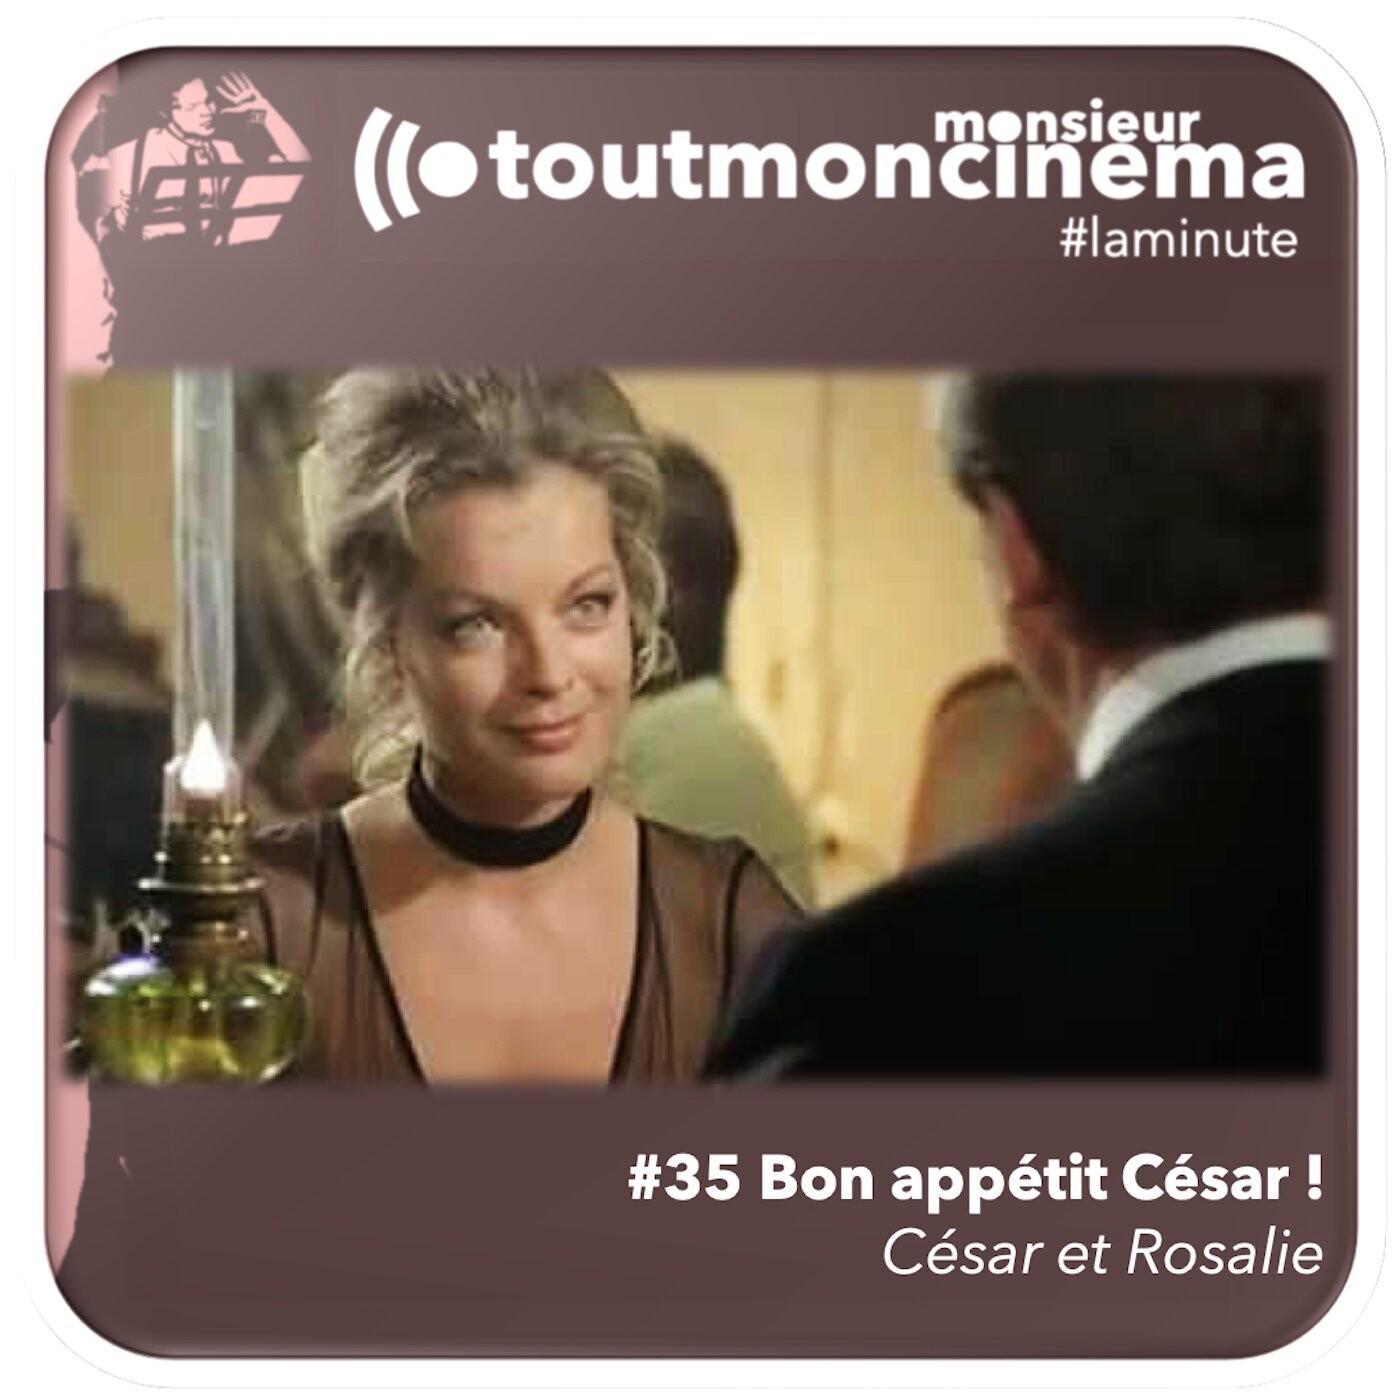 #35 Bon appétit César ! (César et Rosalie)